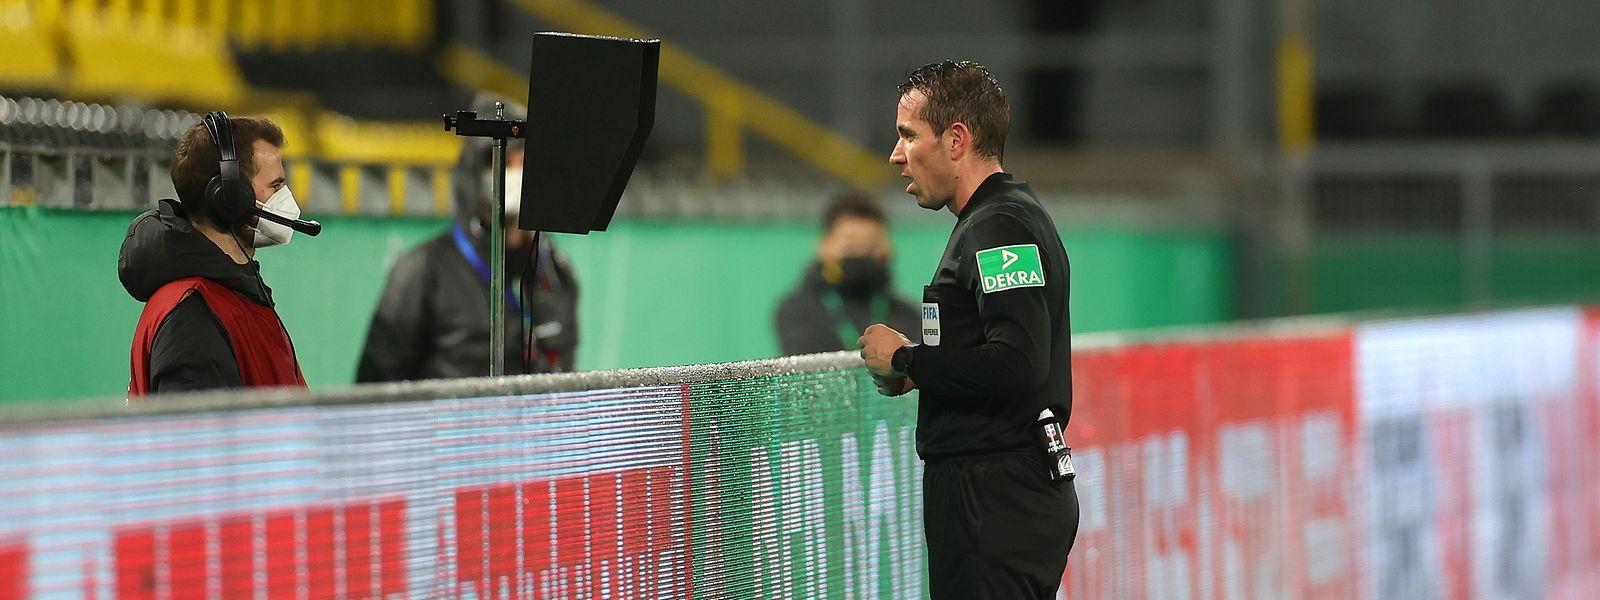 Die Entscheidungen von Schiedsrichtern wie Tobias Stieler sind nicht immer nachvollziehbar.